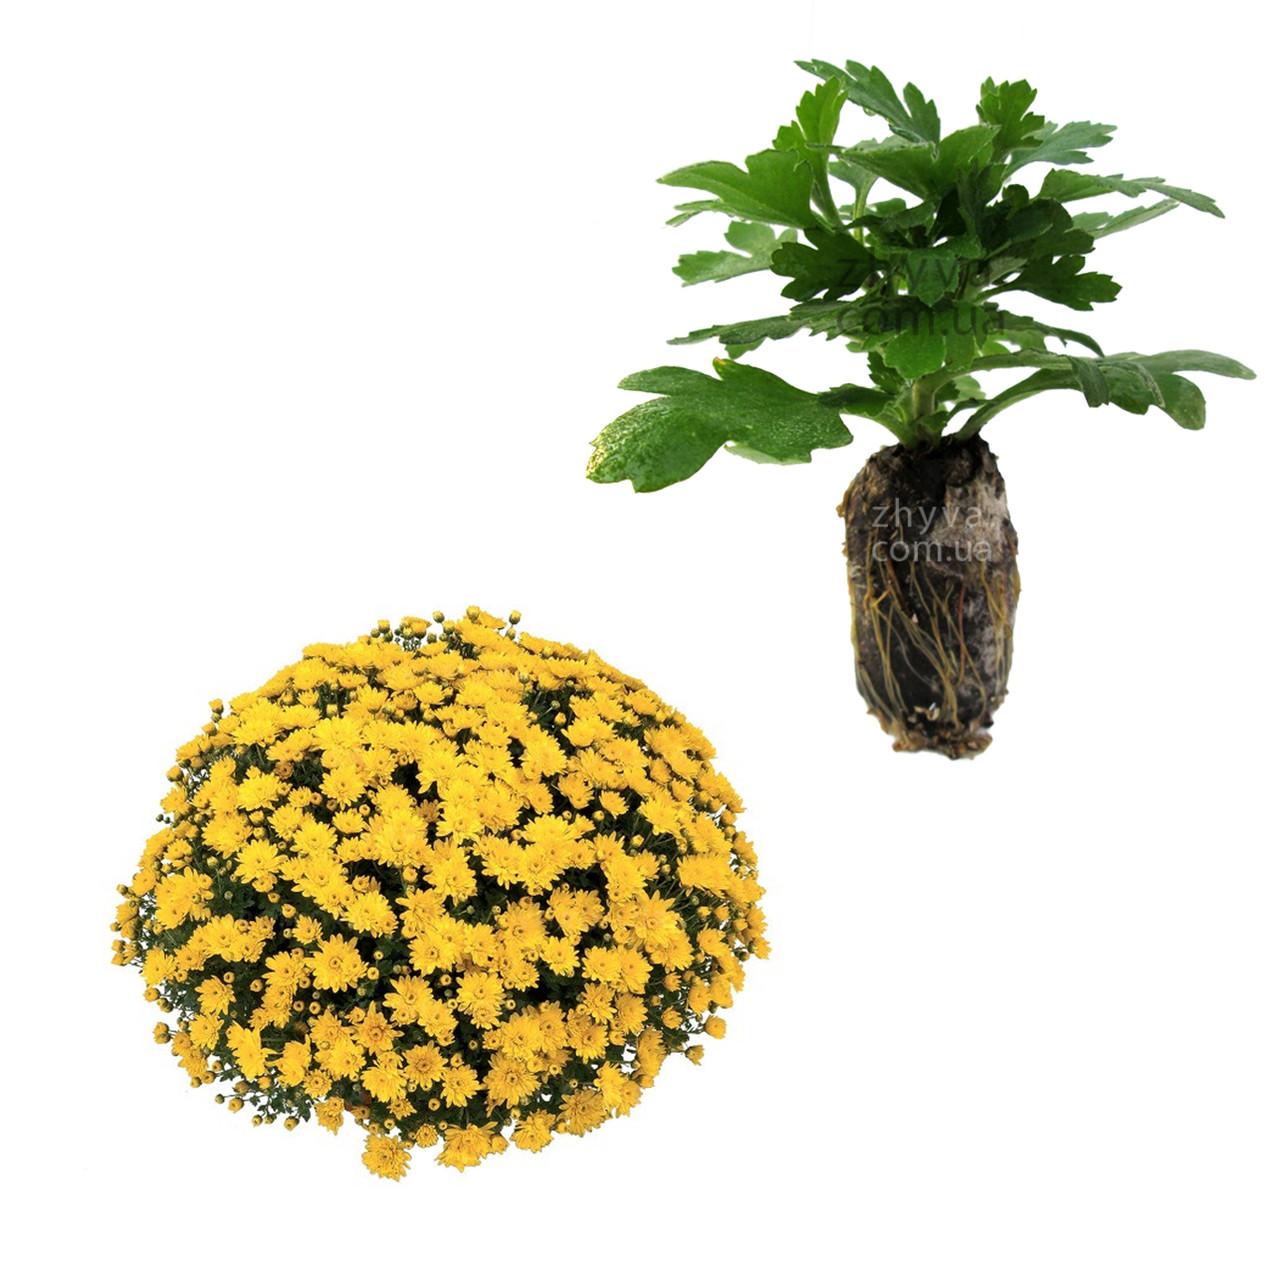 Саджанці Хризантема рассада Multiflora Conaco Yellow касета (100шт)